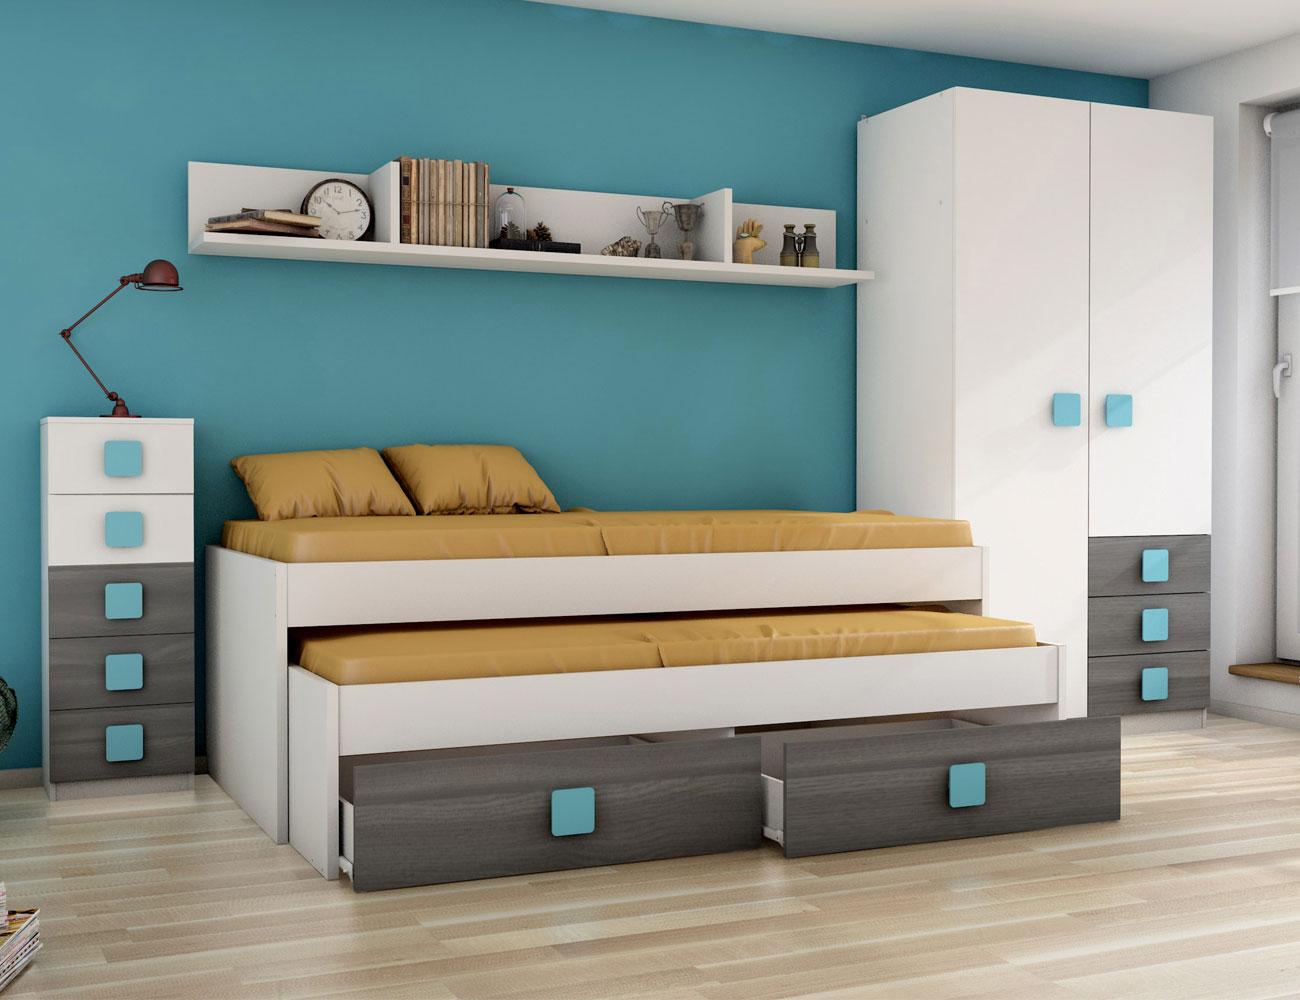 Dormitorio juvenil grafito ceniza azul6